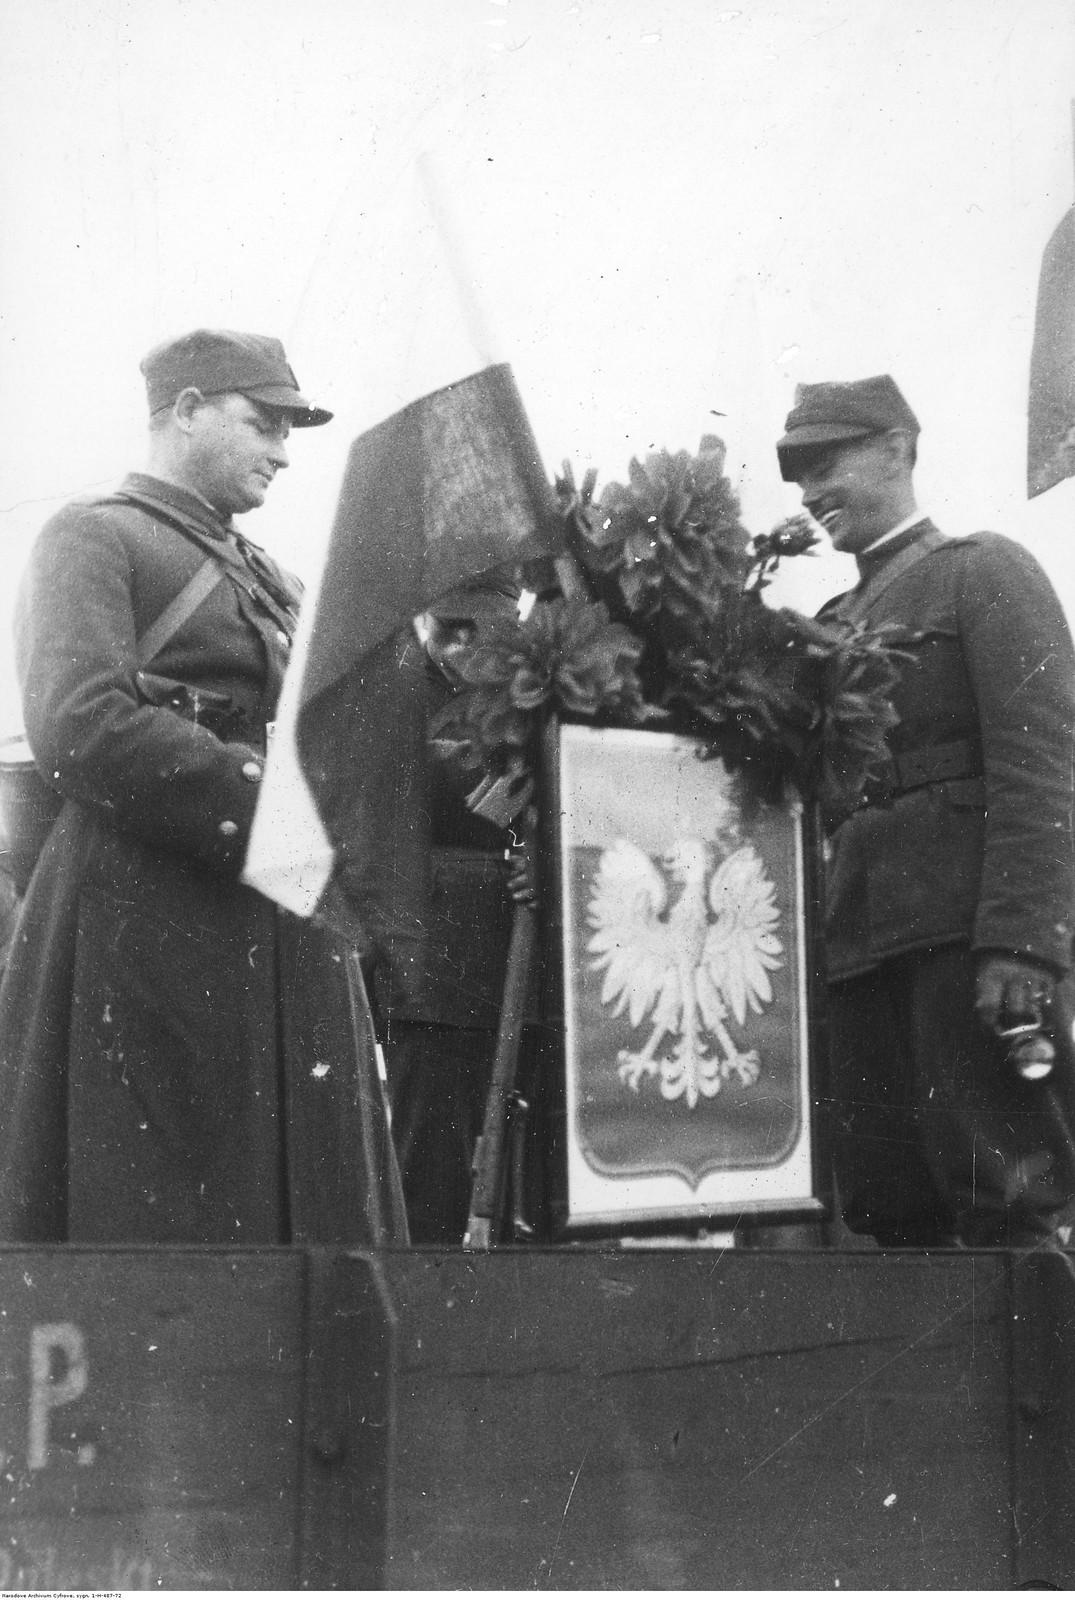 01. 1 октября. Польская армия захватывает железнодорожный вокзал в Чески-Тешине